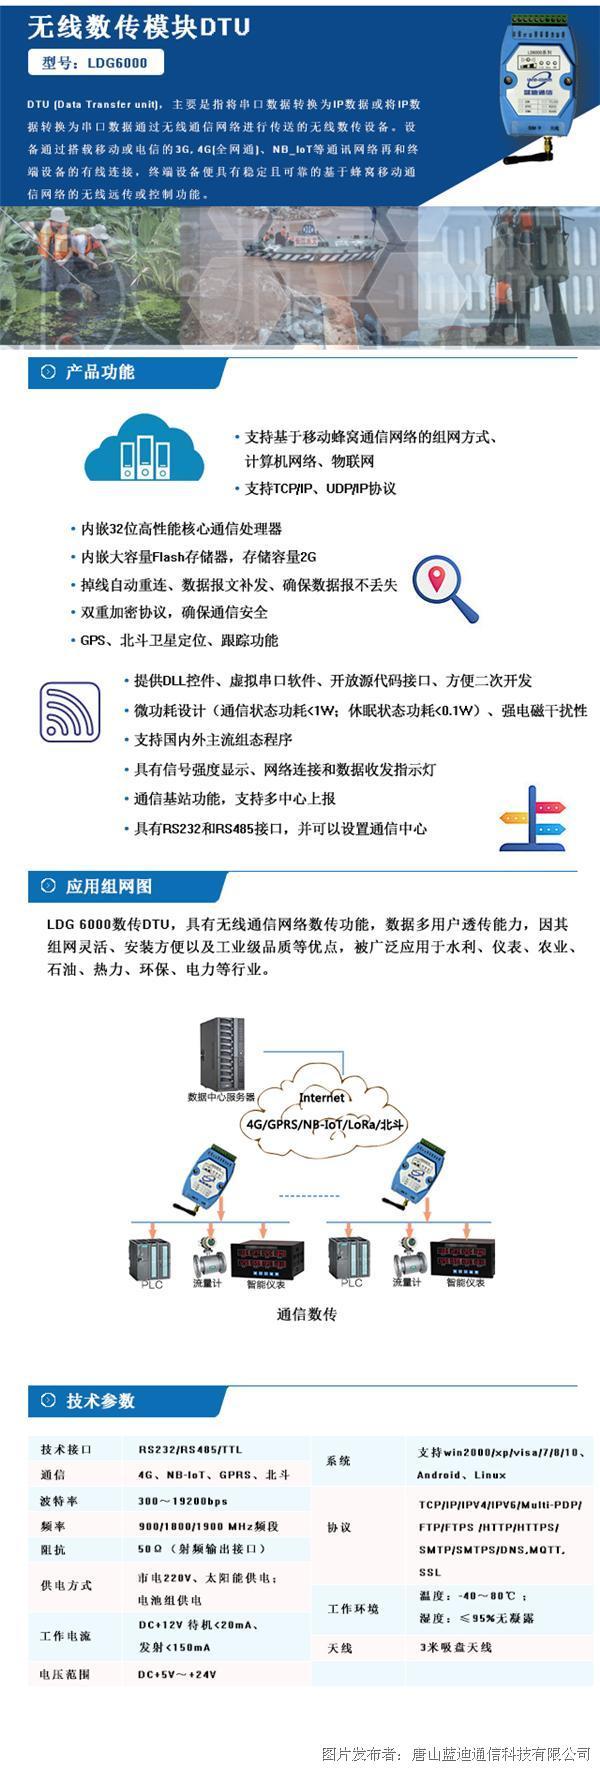 无线数传模块DTU(4G、NB-lot、LoRa)(型号:LDG6000)-1.jpg